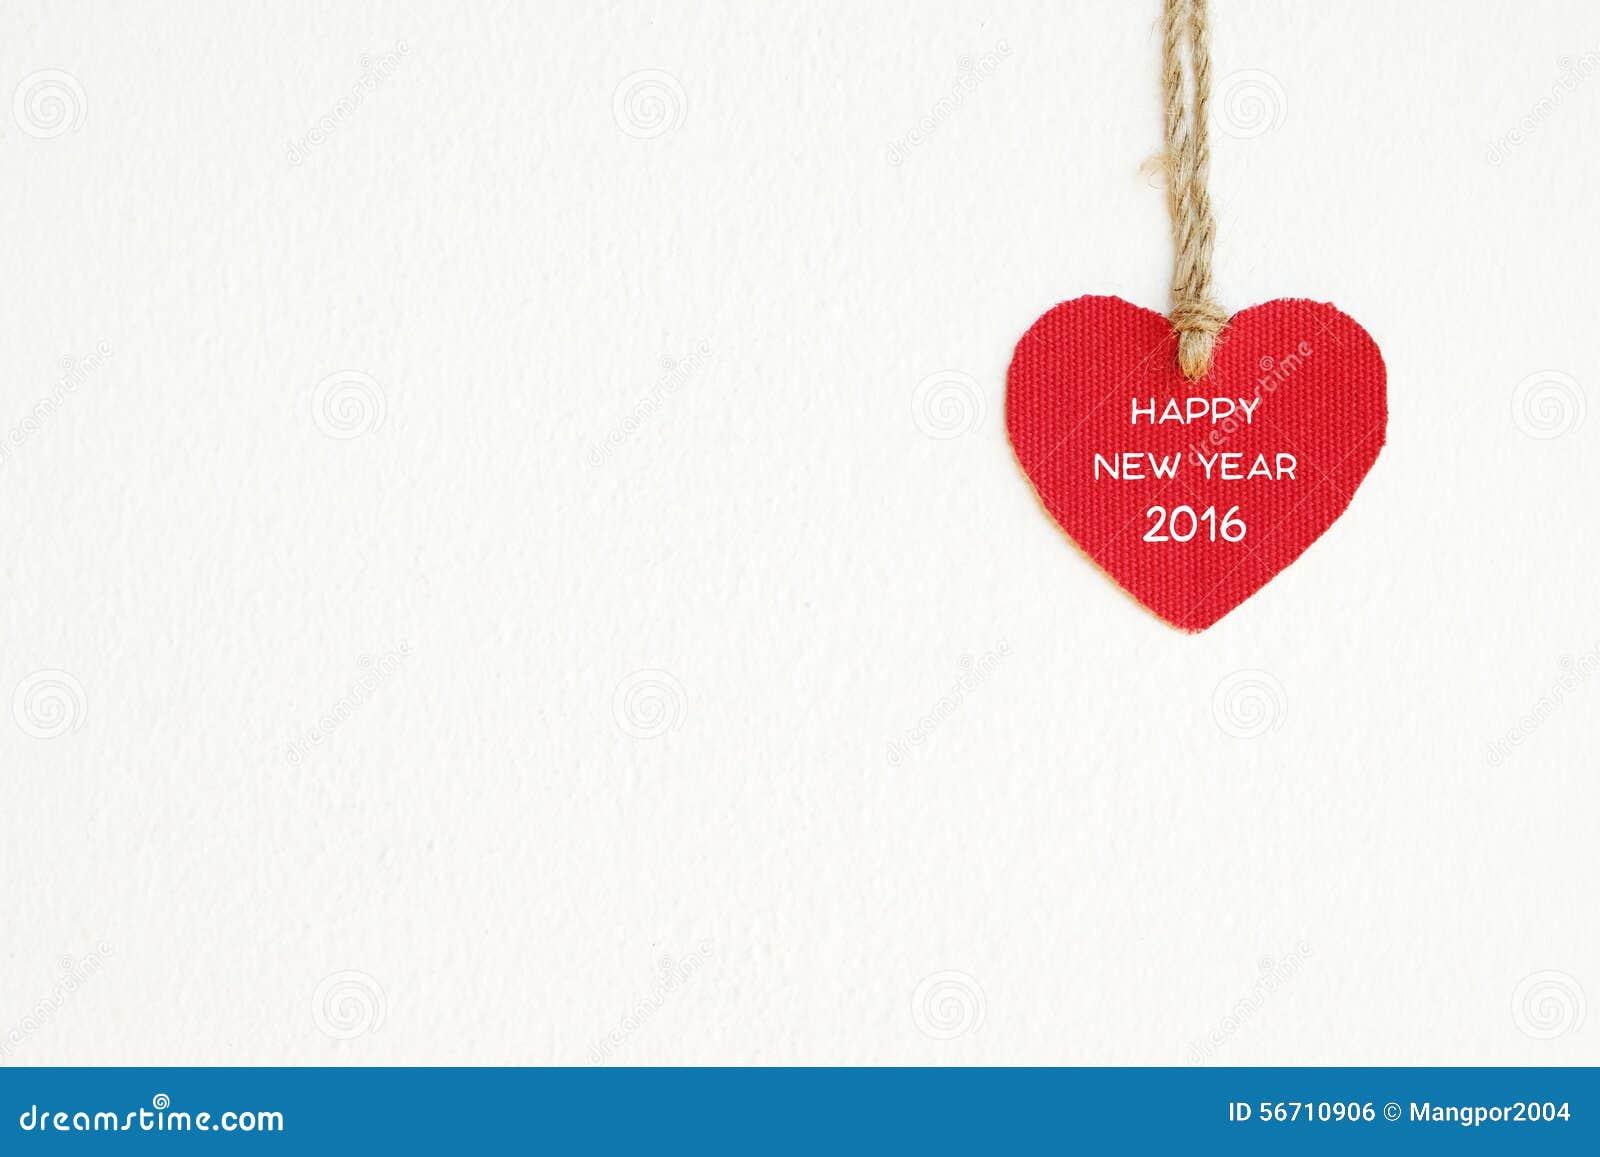 New year 2016 stock photo image 58693644 - Cuore Rosso Del Tessuto Con La Parola Del Buon Anno 2016 Che Appende Sul Cl Immagine